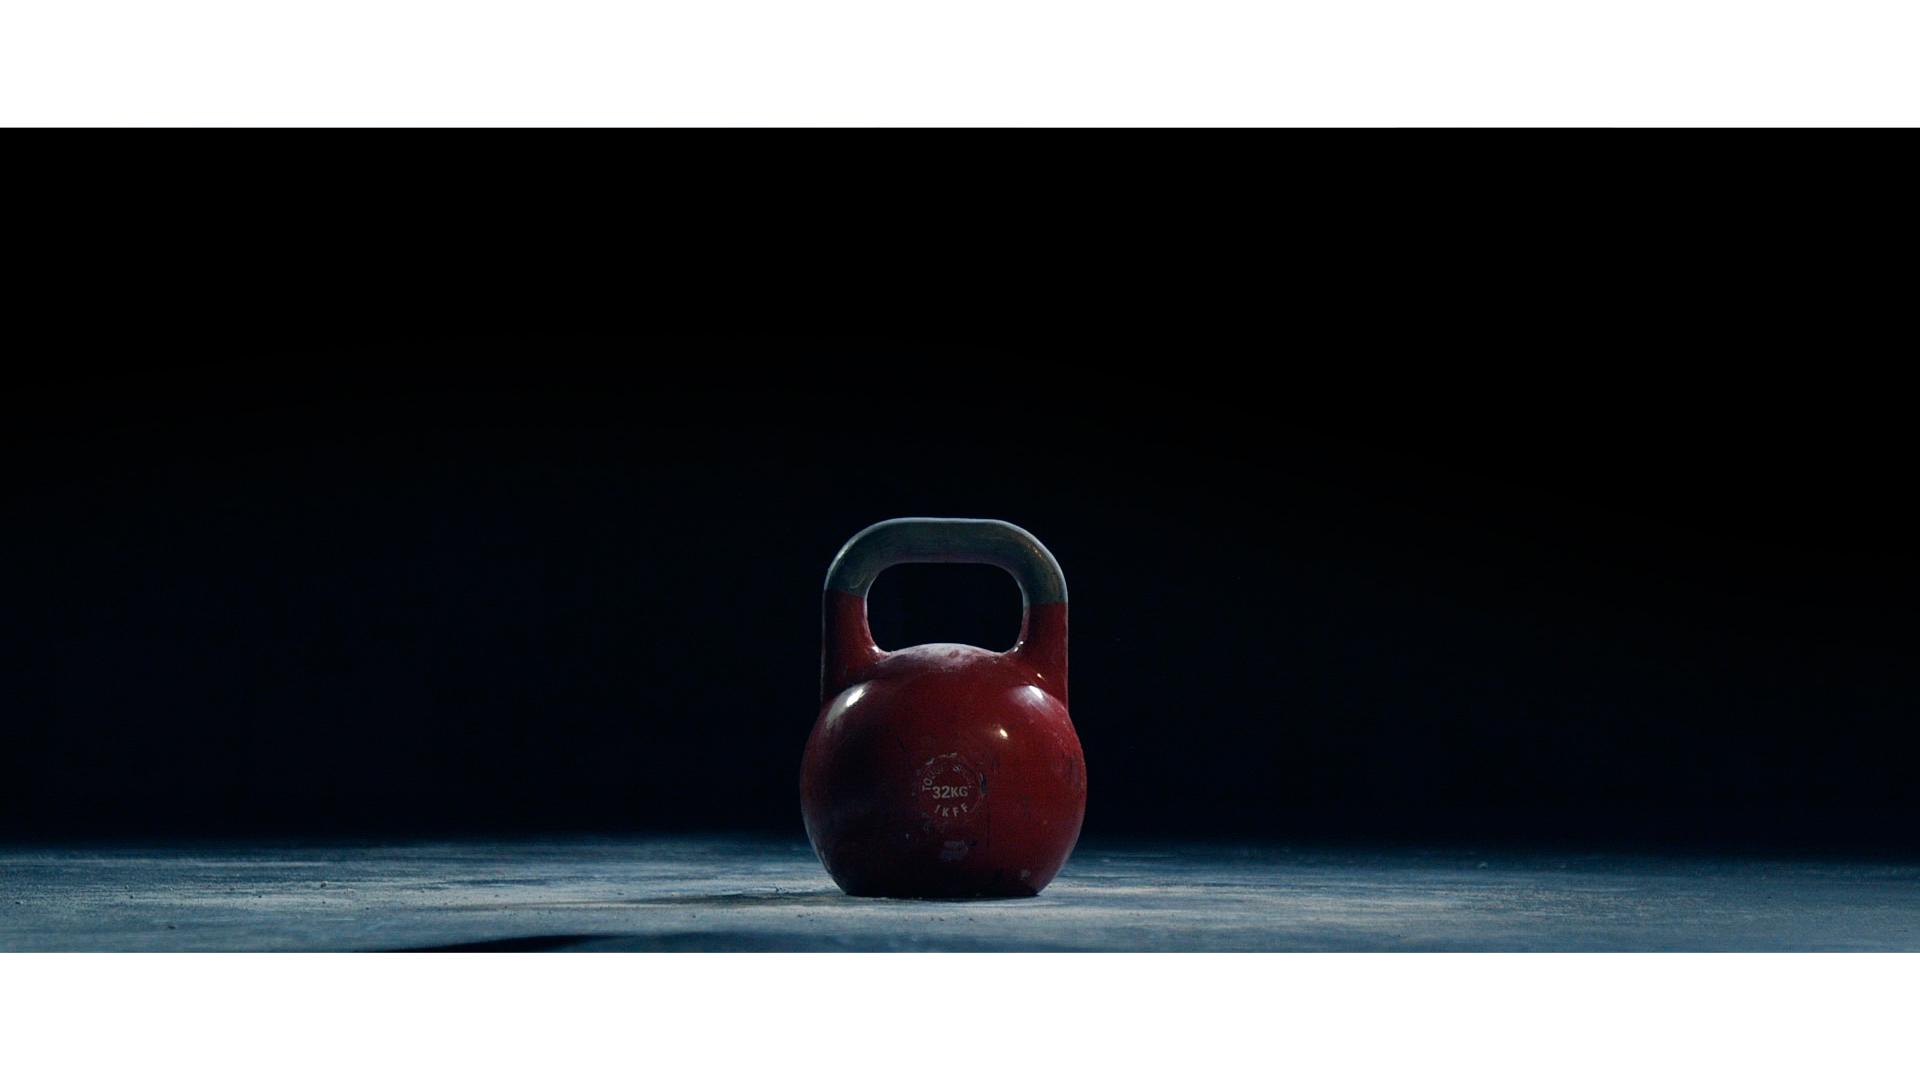 Kırmızı kettlebell görseli.